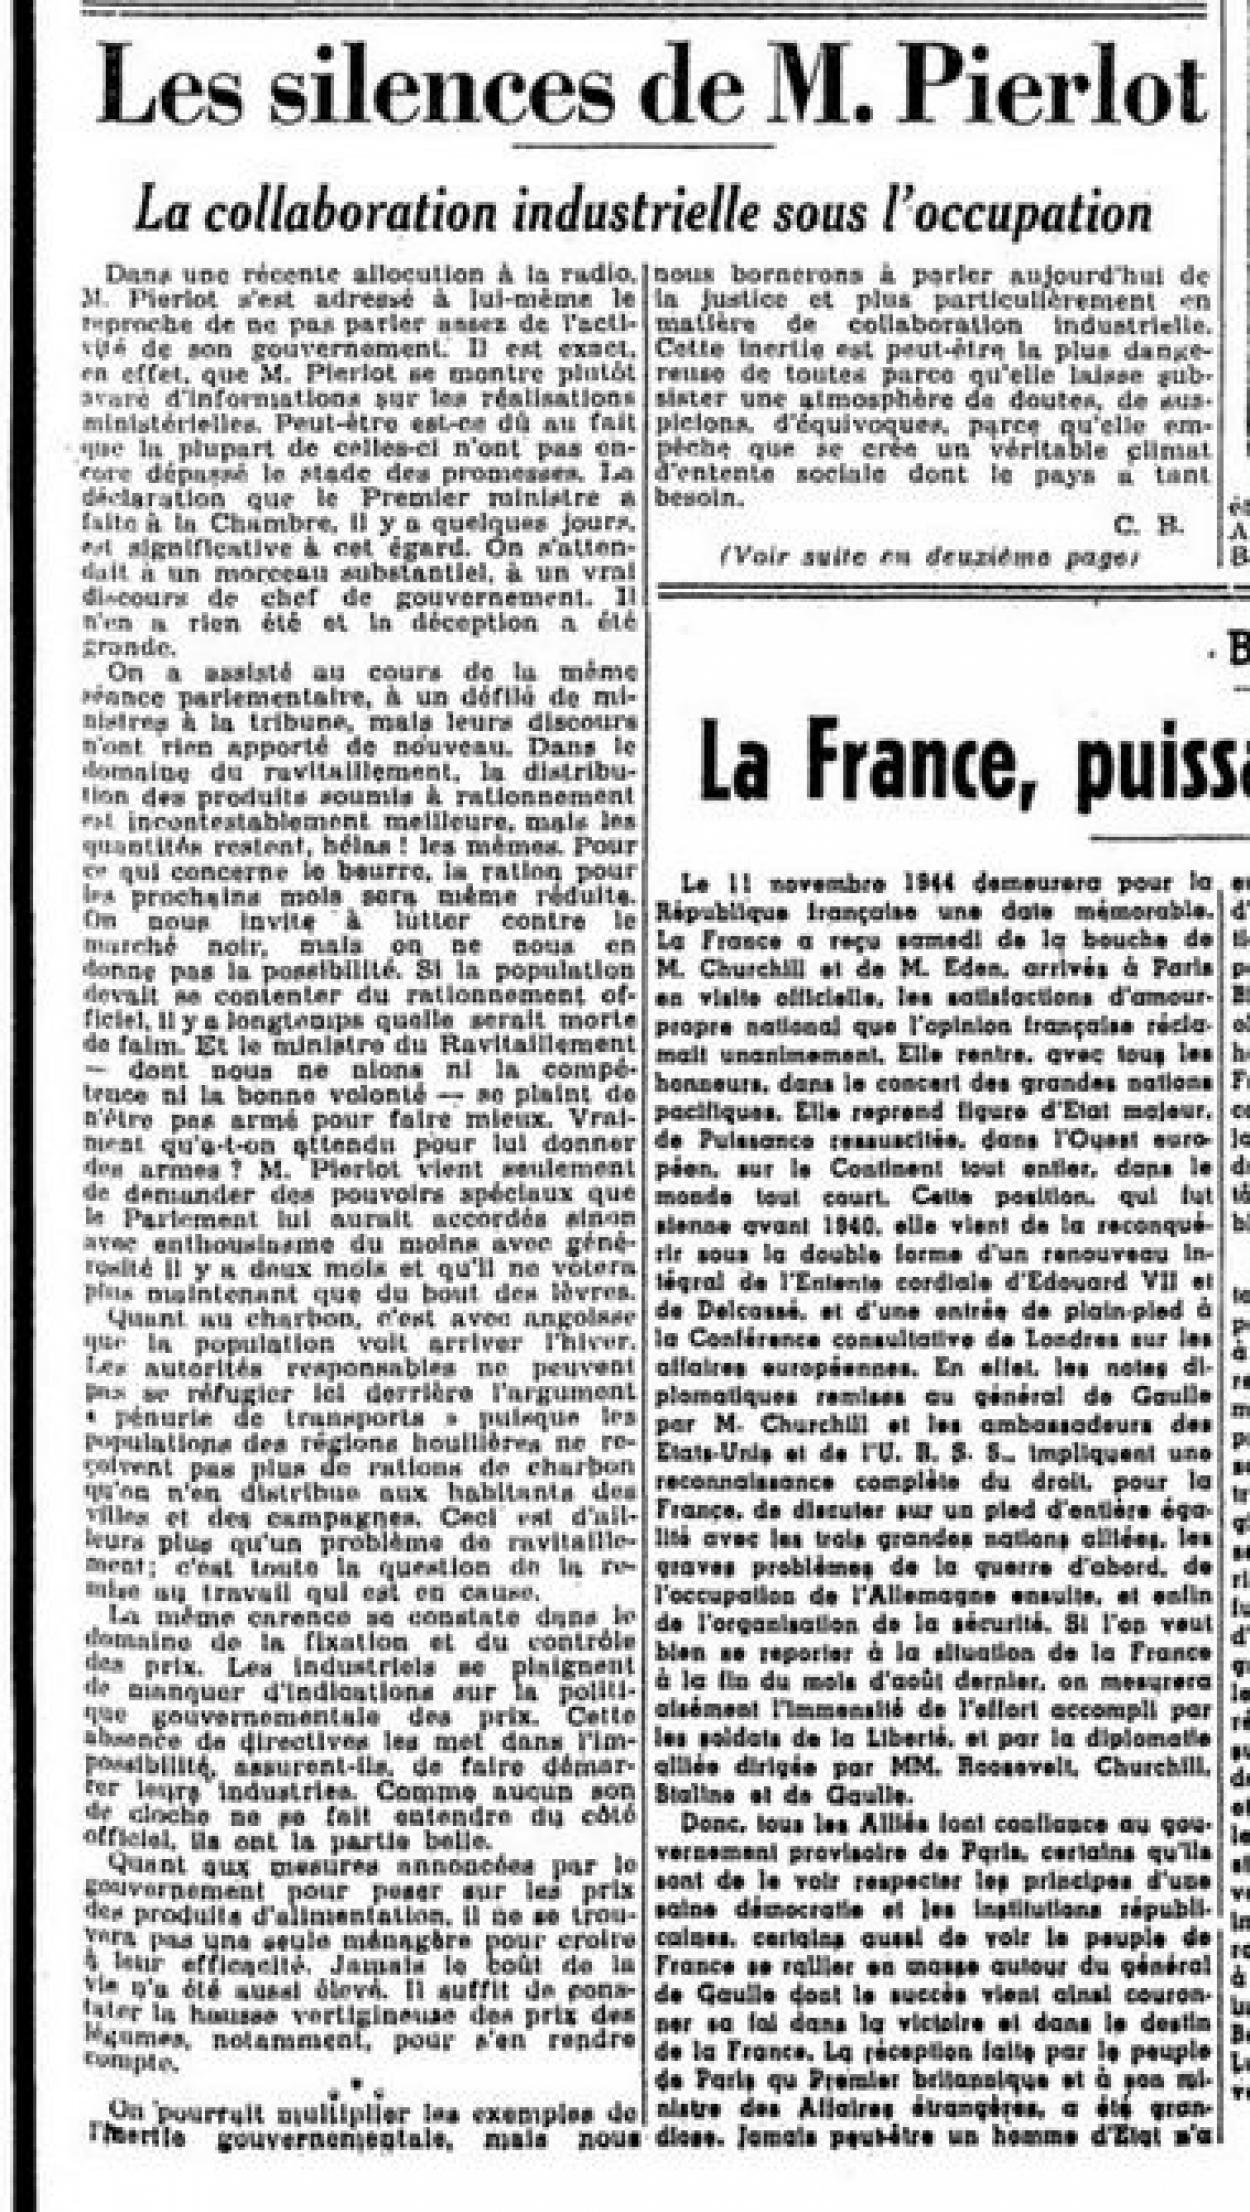 screenshot-2020-03-22-09-01-22-le-soir-14-11-1944.jpg